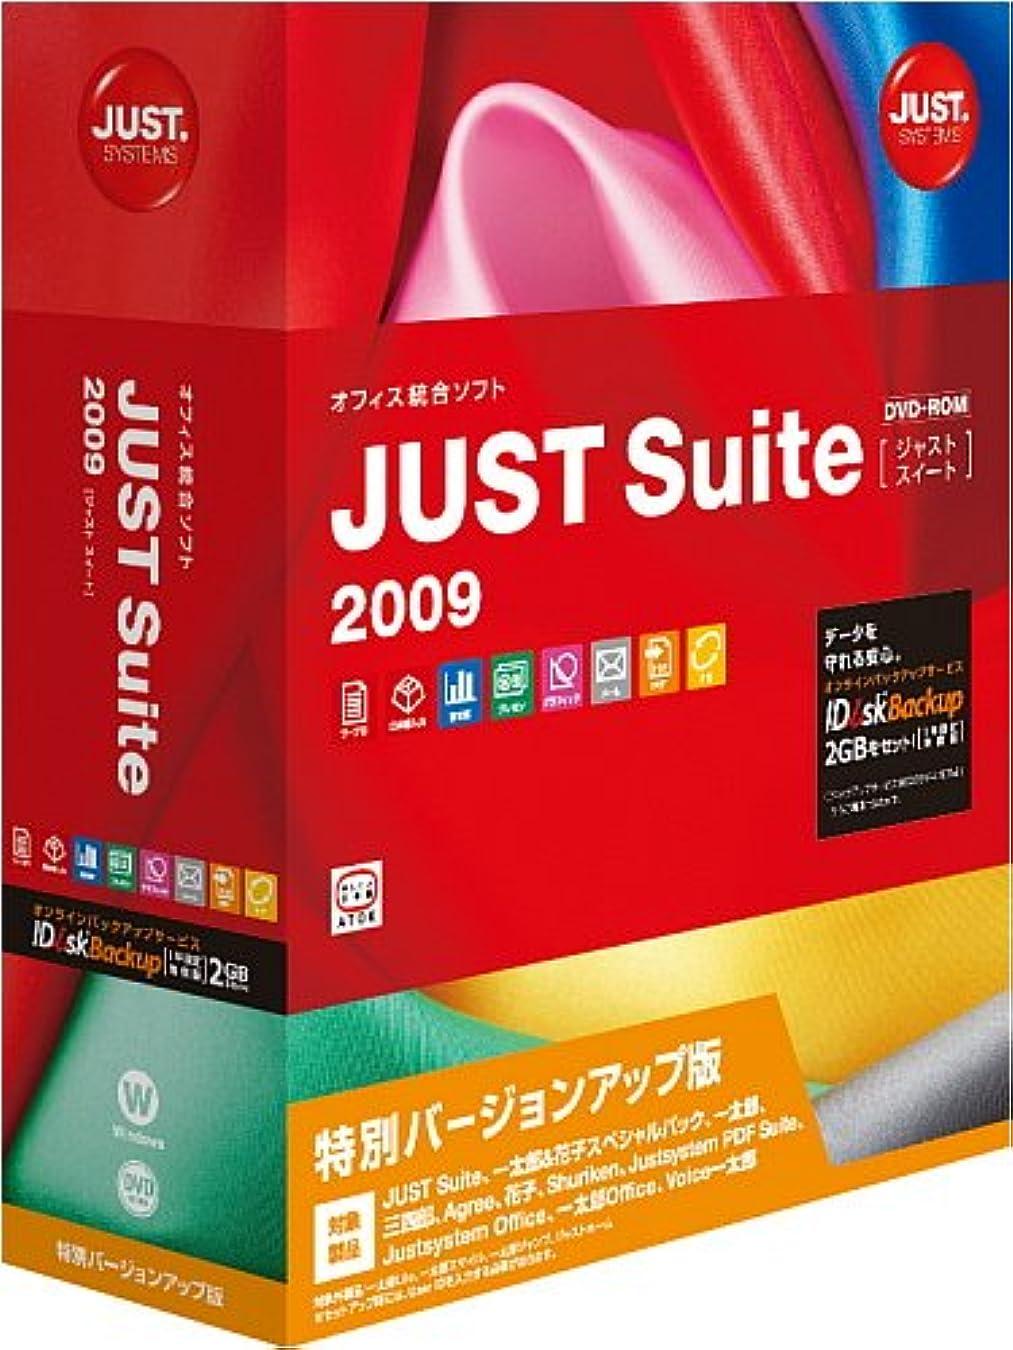 知るやりすぎ歩くJUST Suite 2009 特別バージョンアップ版